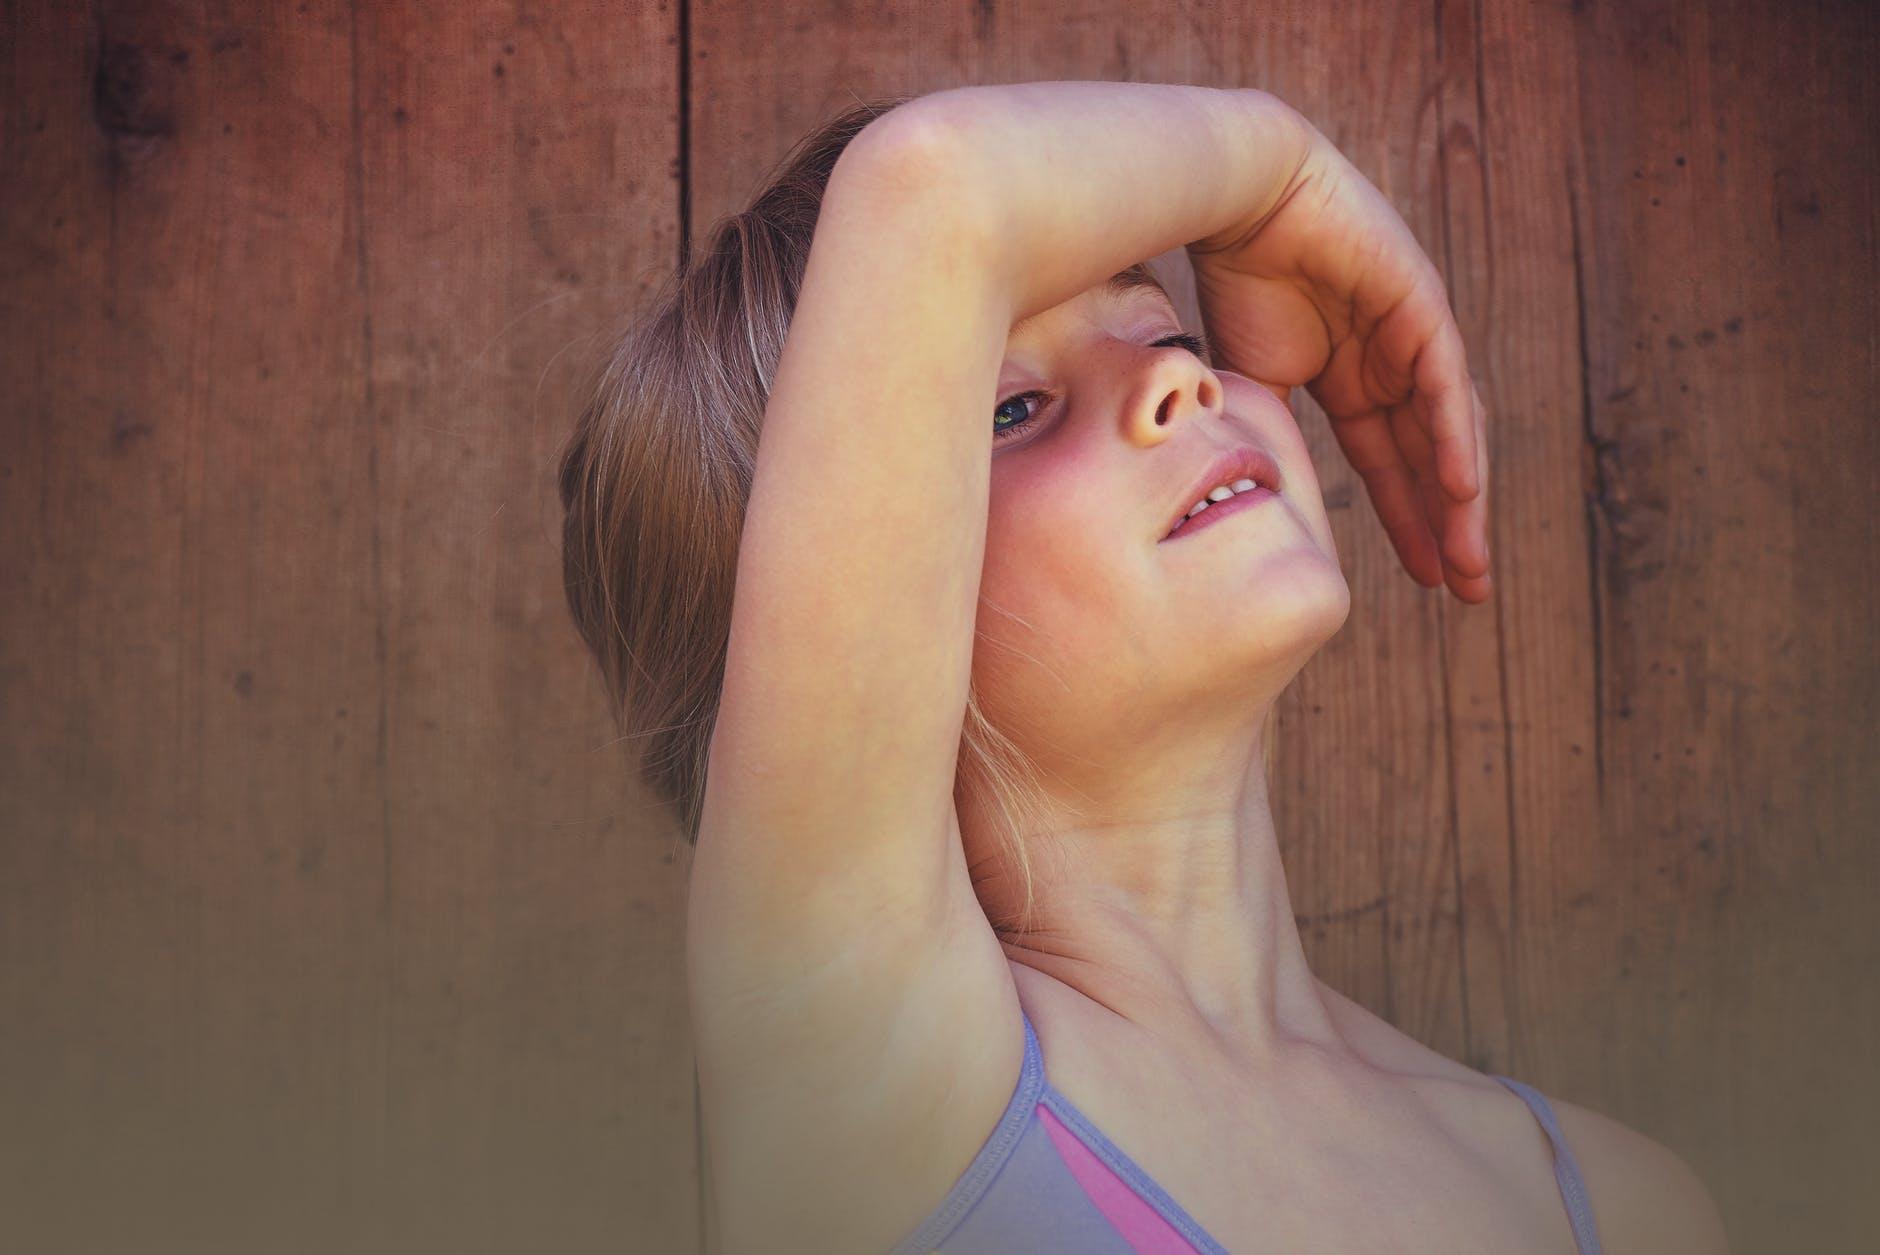 bailarina bailando en albitana